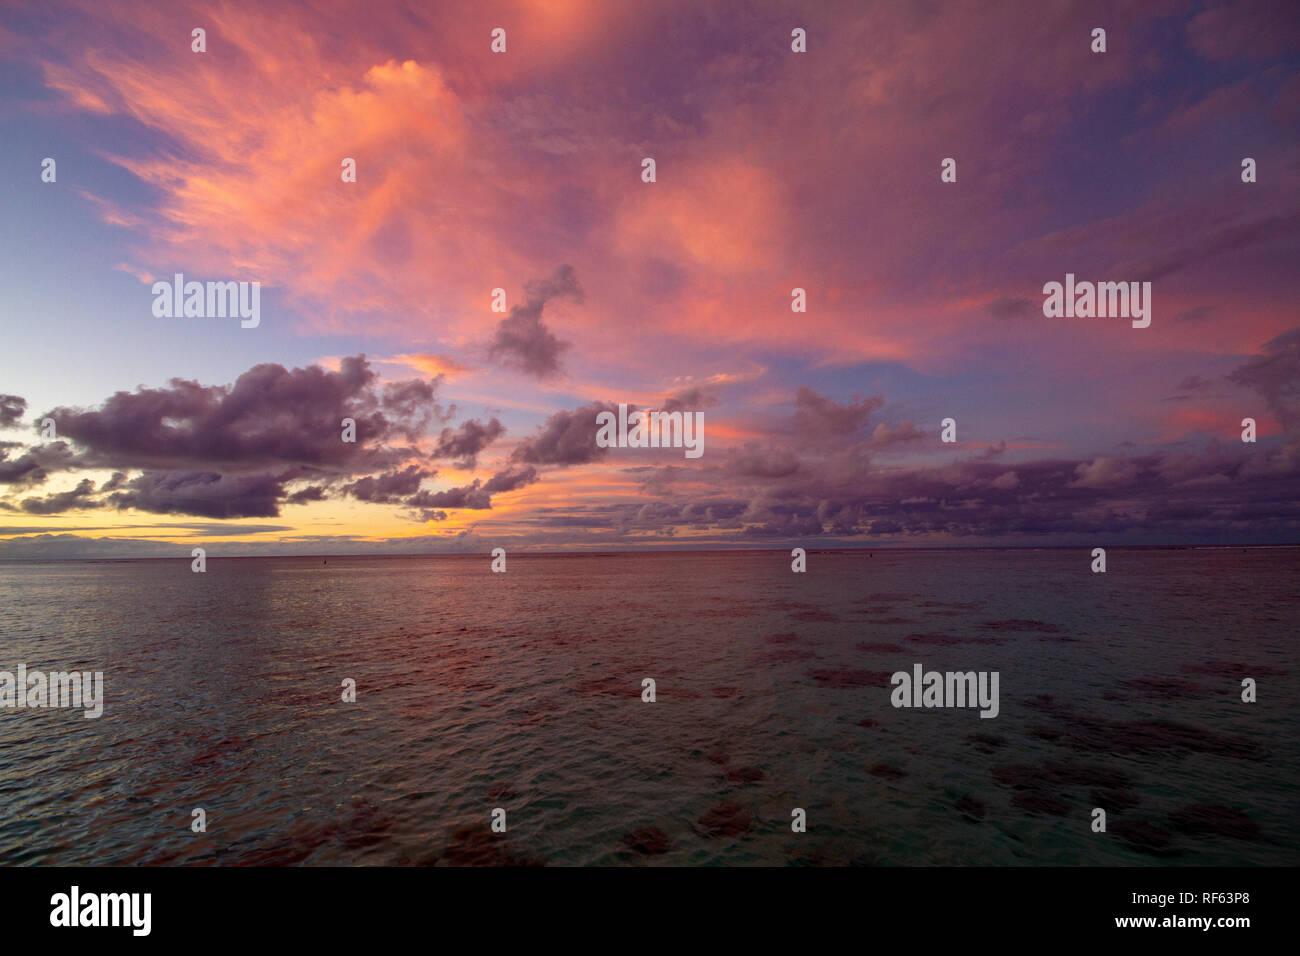 Coucher de soleil à couper le souffle à Moorea, Polynésie Française Photo Stock